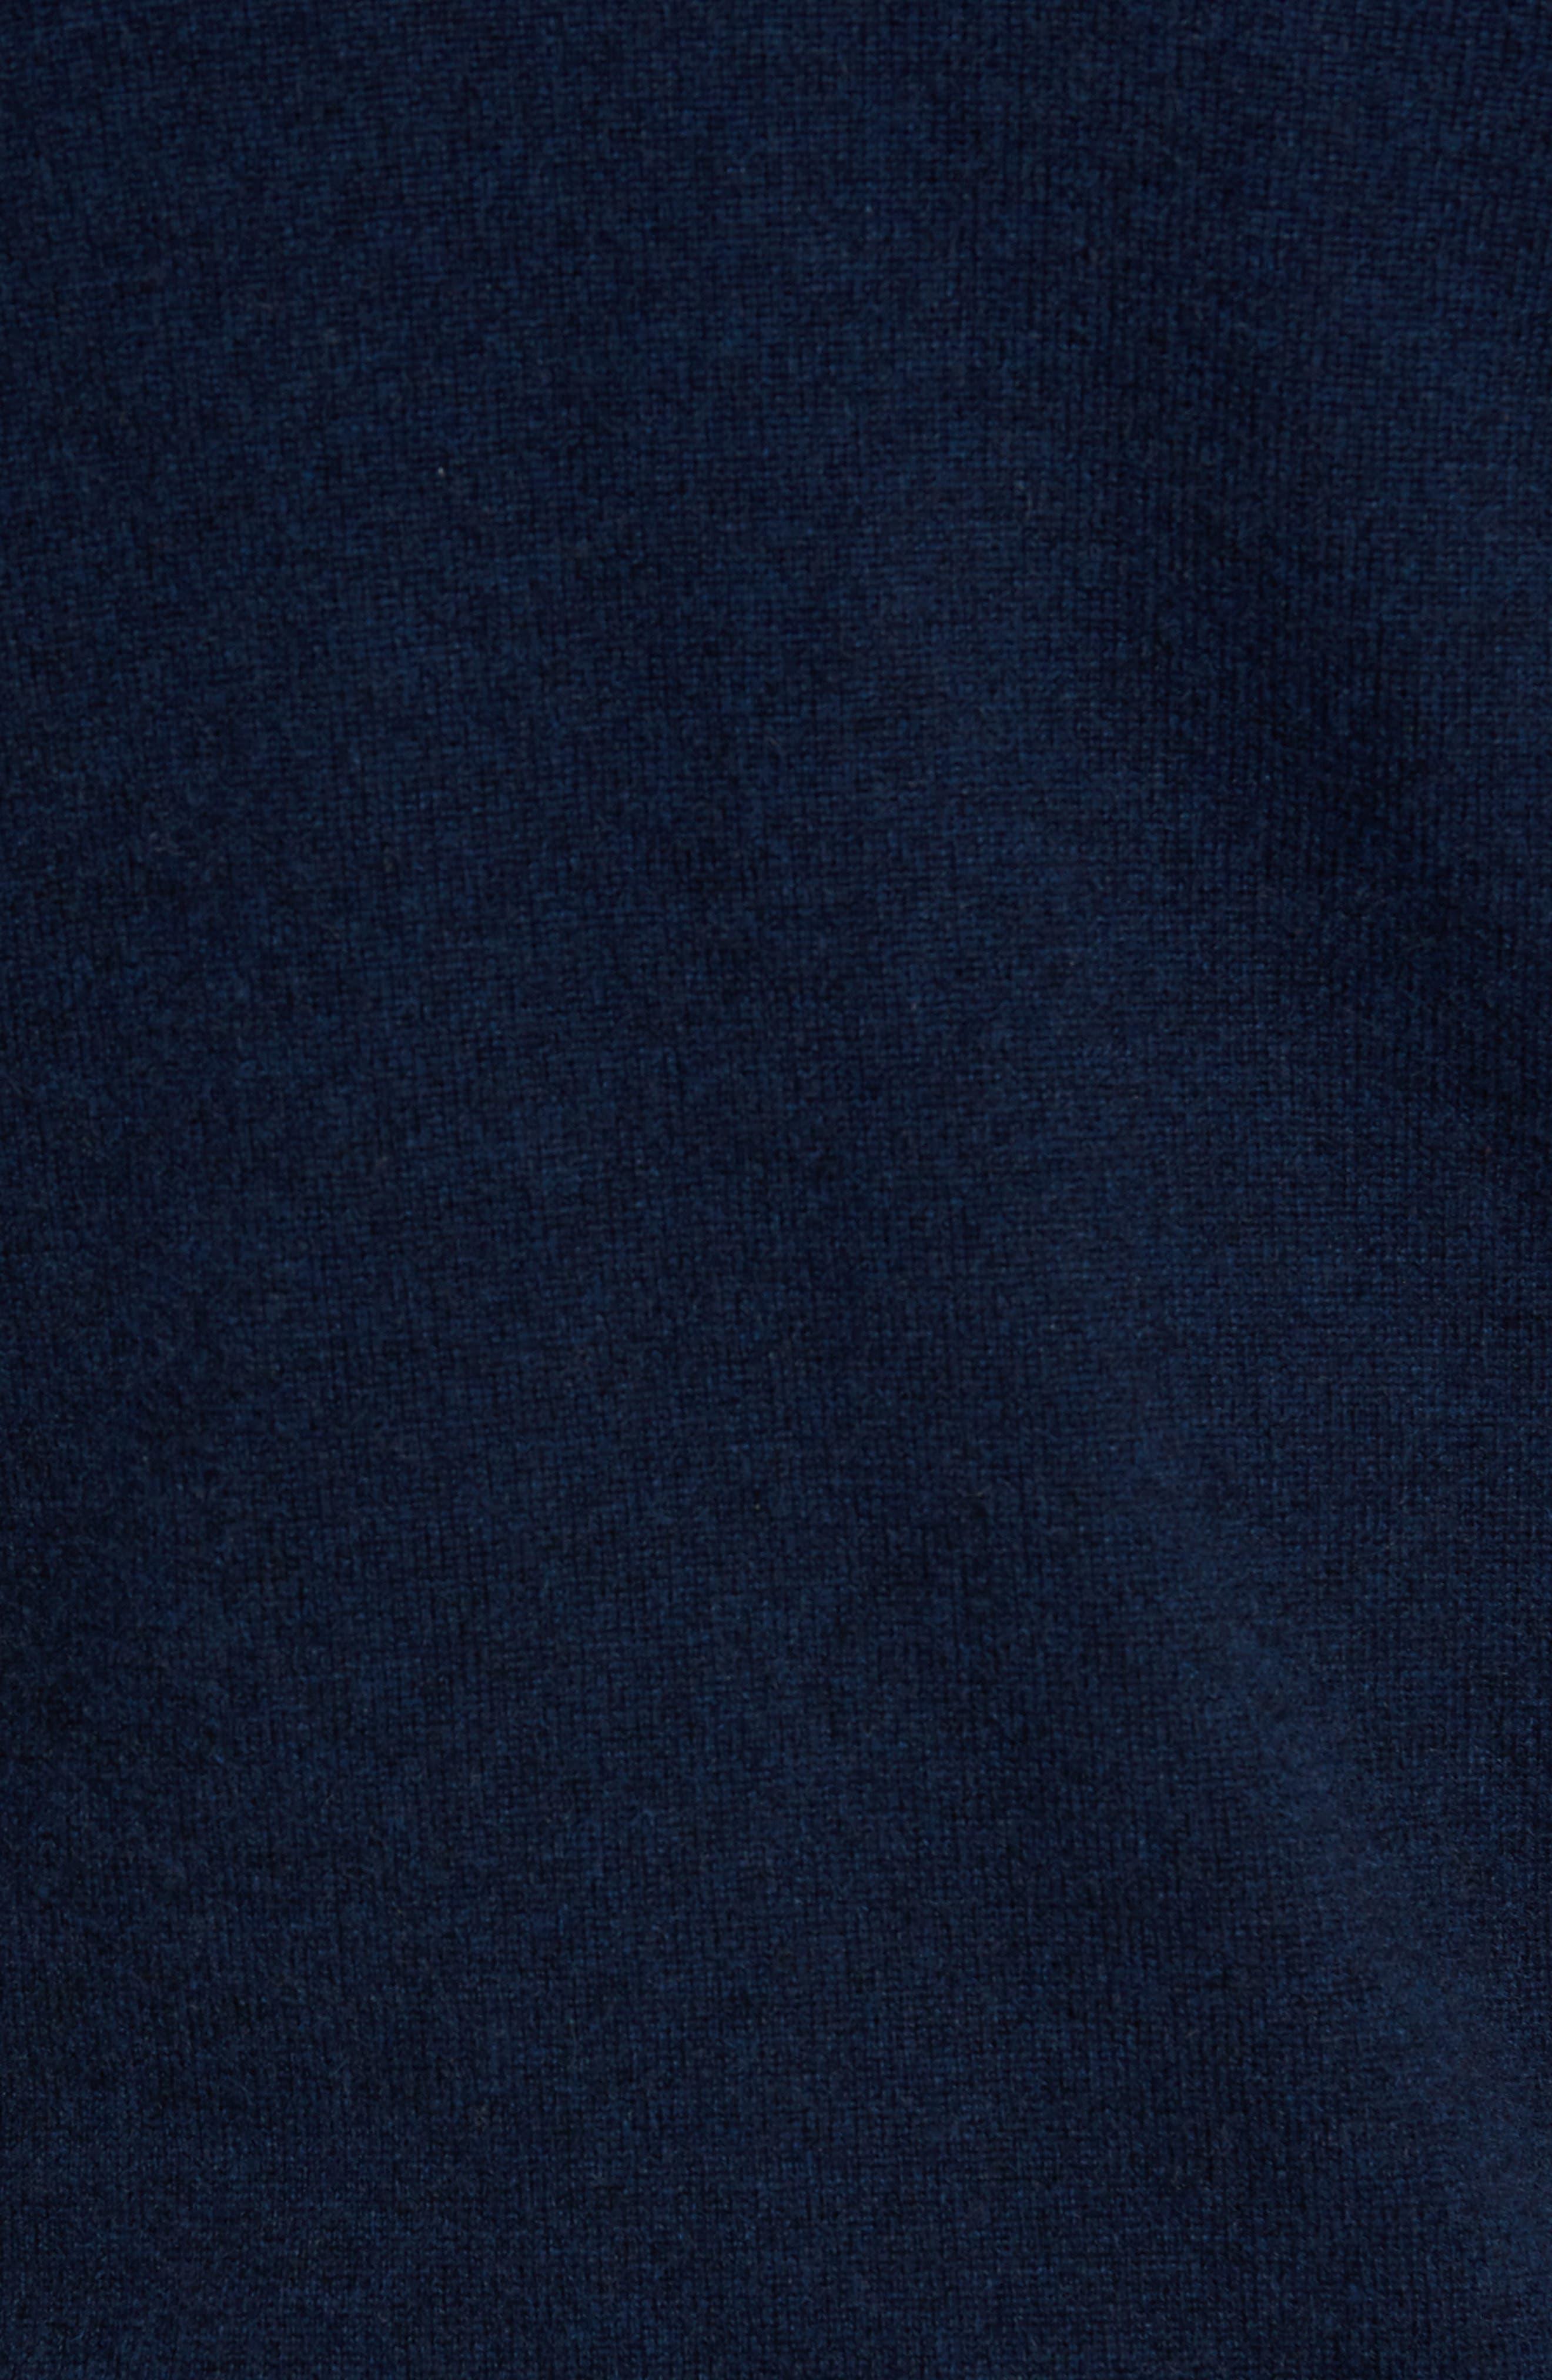 Cashmere Quarter Zip Sweater,                             Alternate thumbnail 28, color,